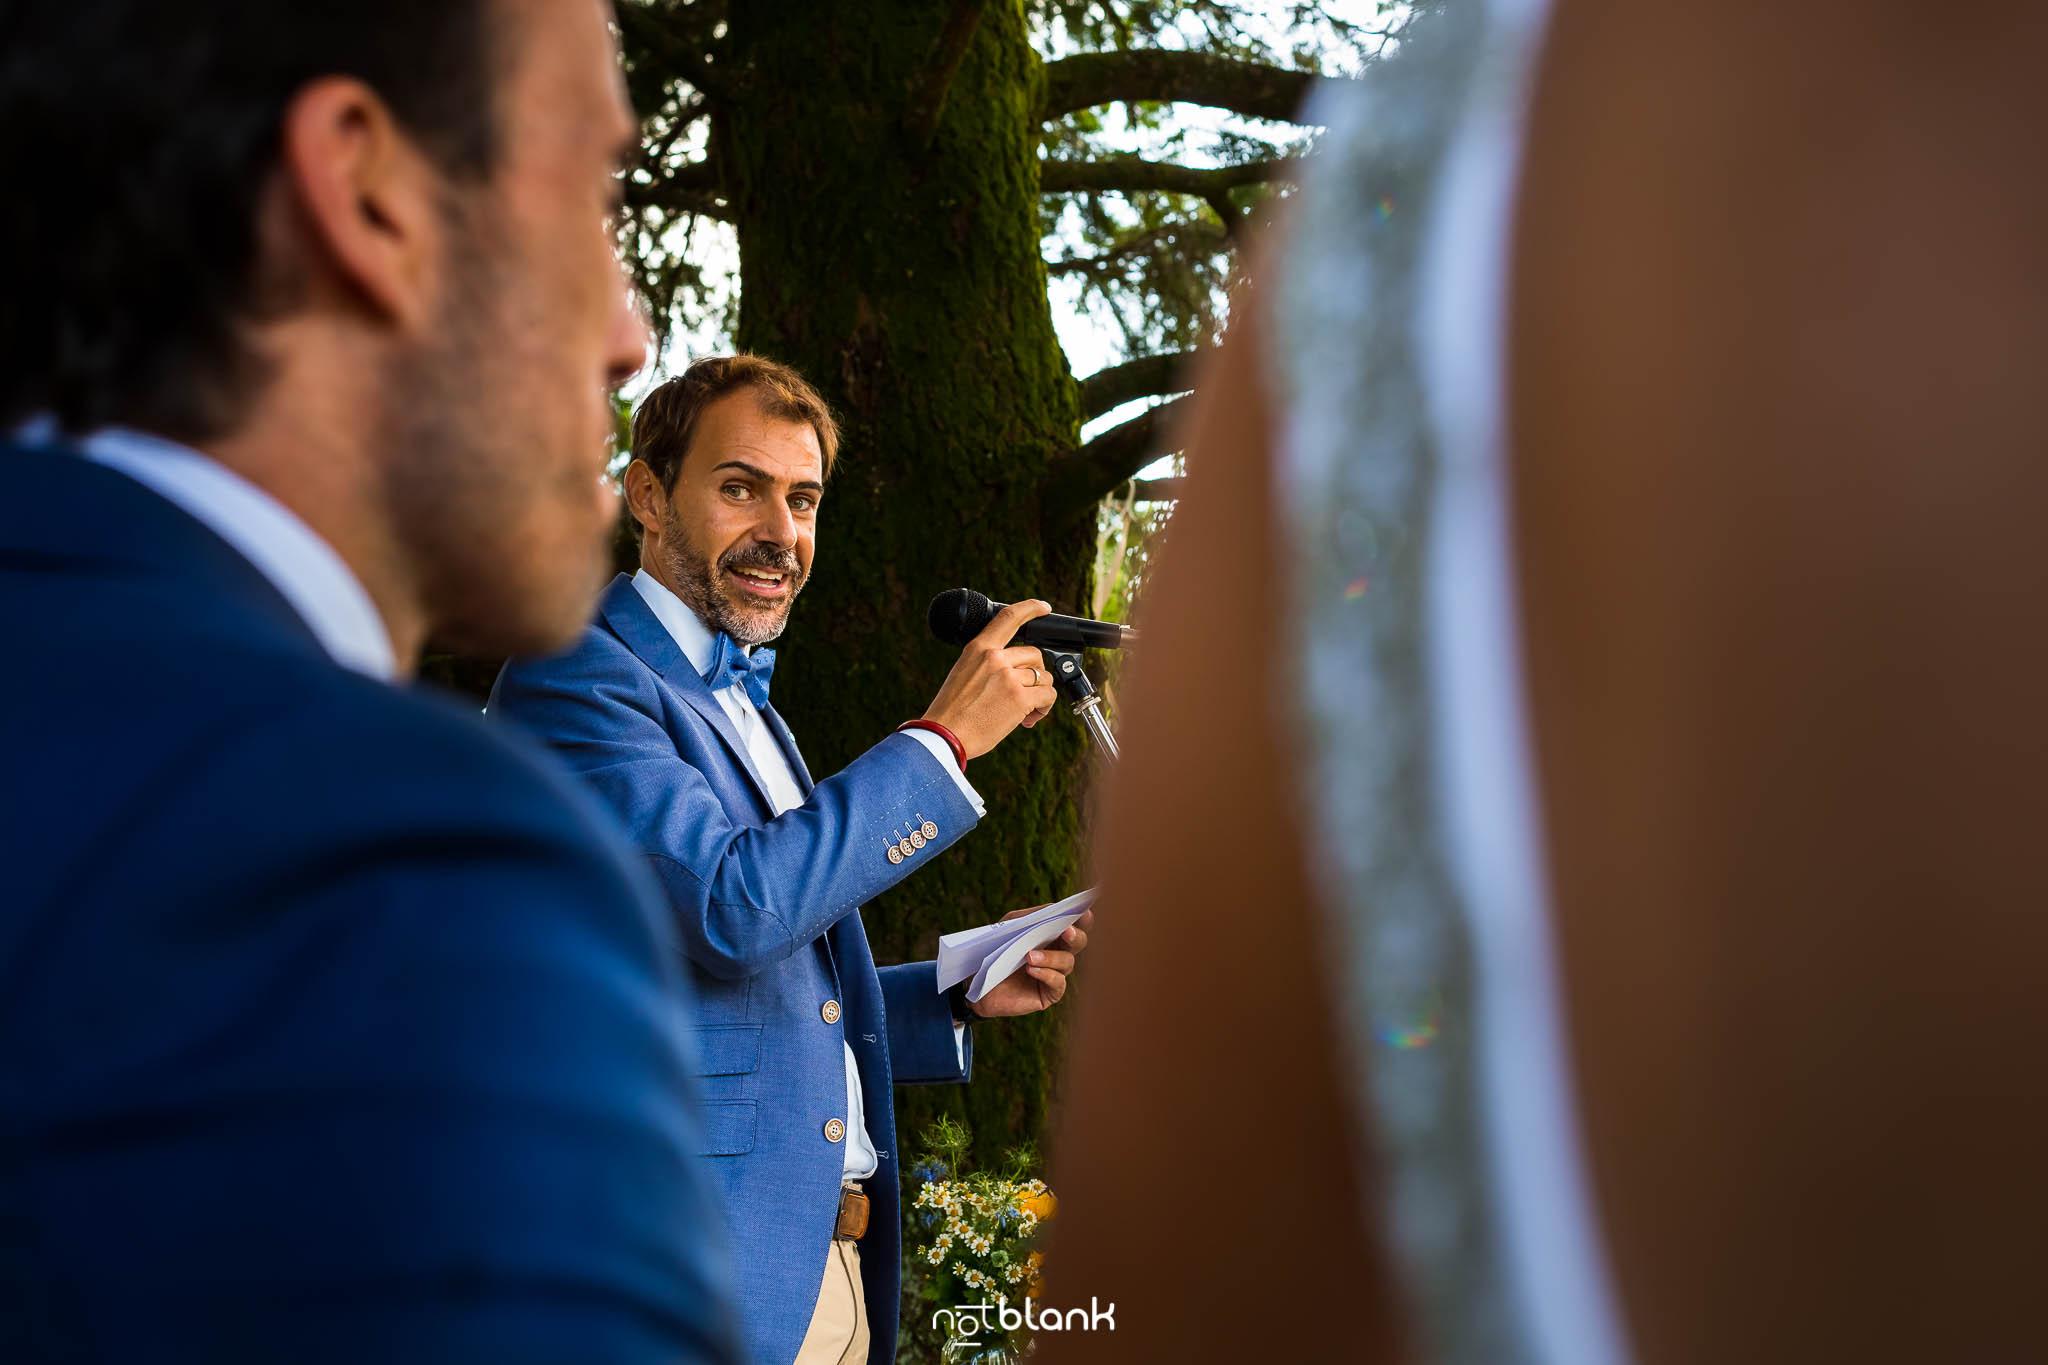 Boda En El Jardin De Casa Jana y Fran - Un amigo del novio dedica unas palabras durante la ceremonia civil - Notblank Fotografos de boda